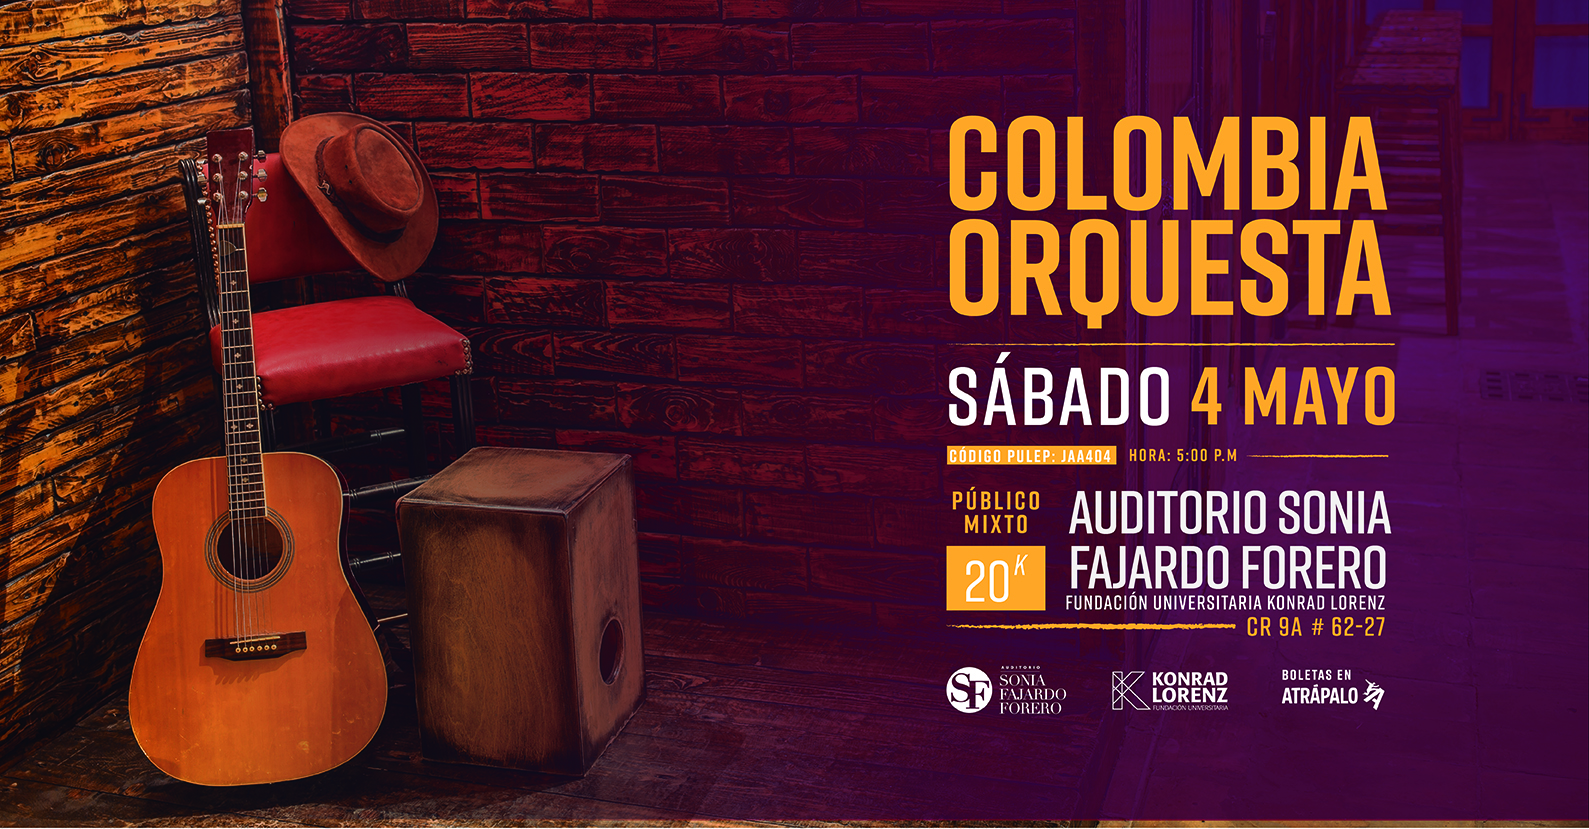 Colombia Orquesta